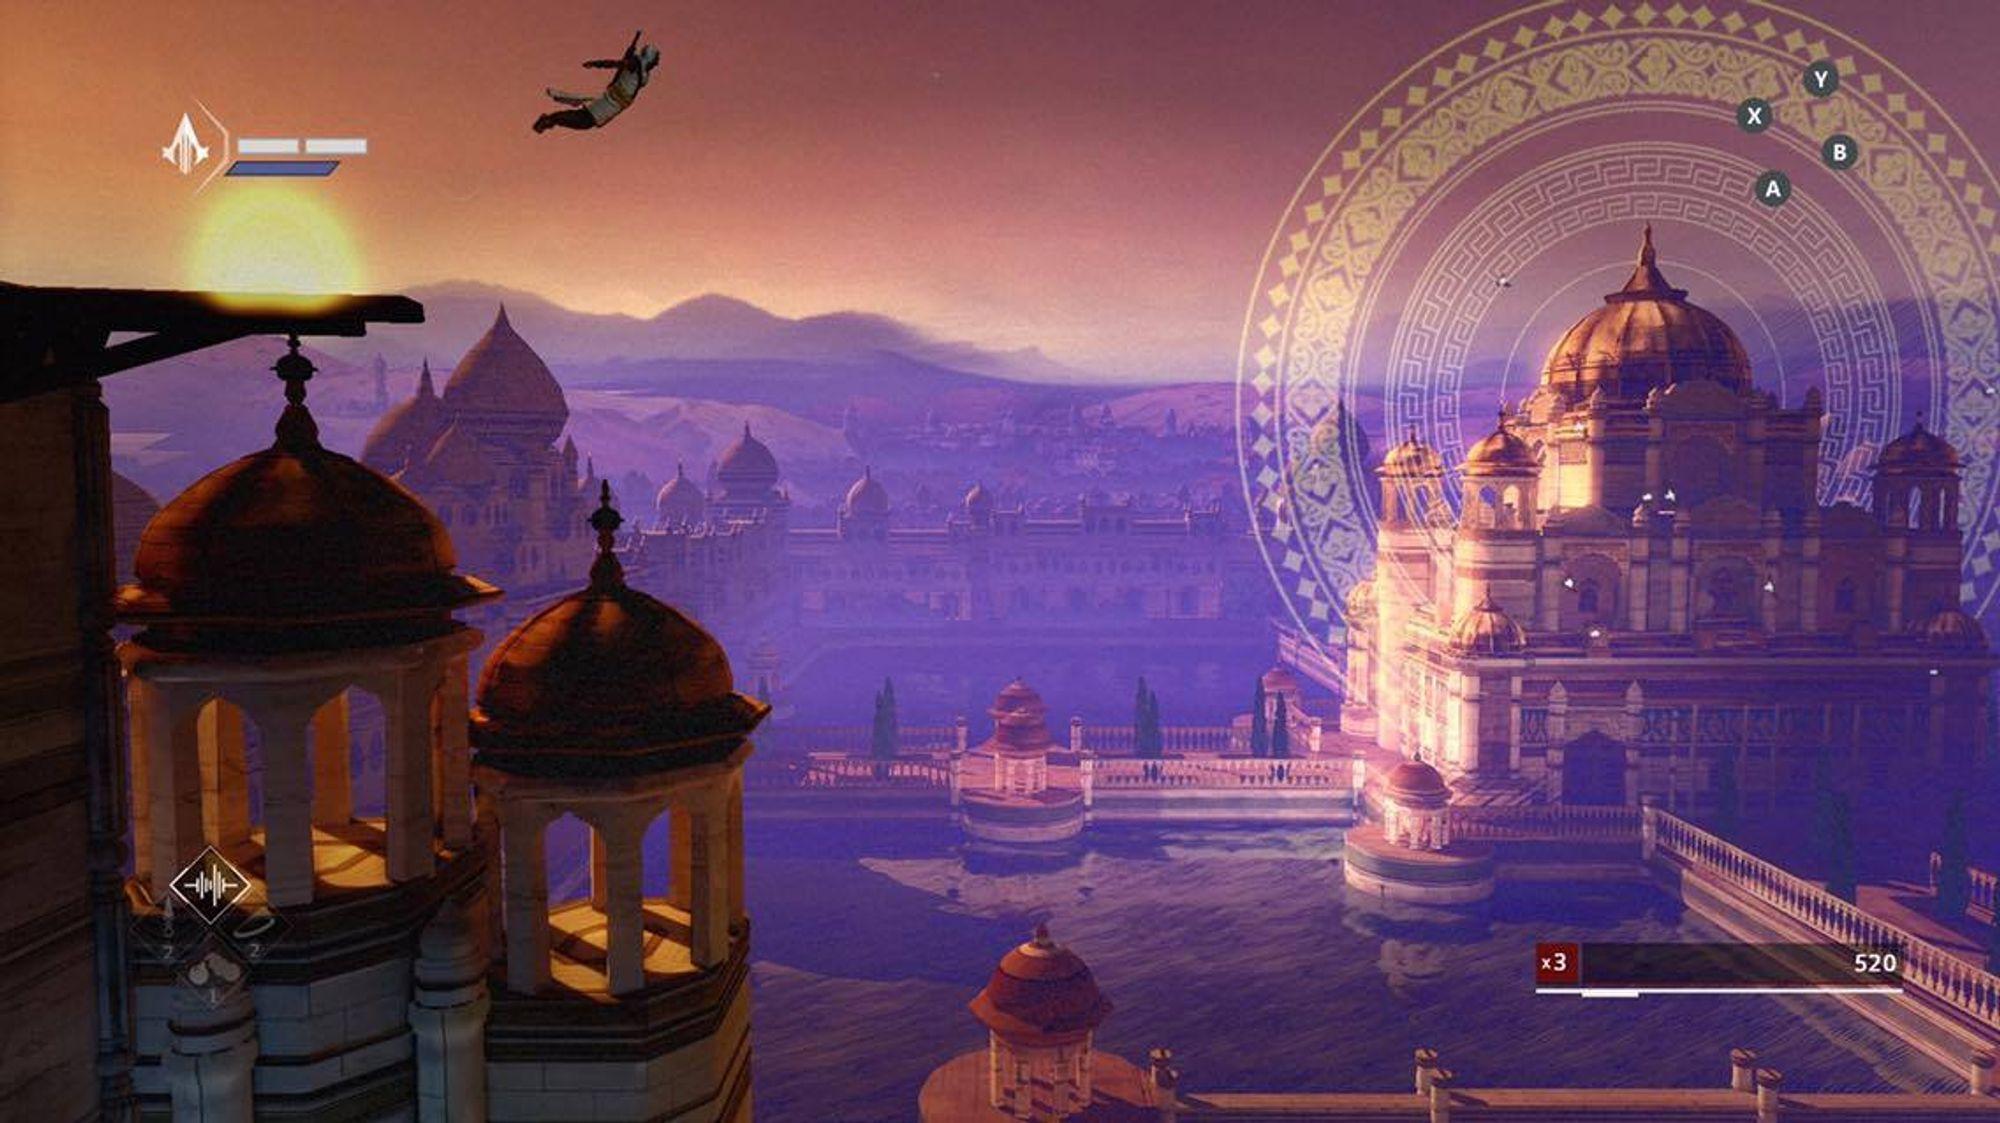 Leap of Faith. Et ikonisk bilde fra Assassin's Creed-serien satt til en vakker bakgrunn.